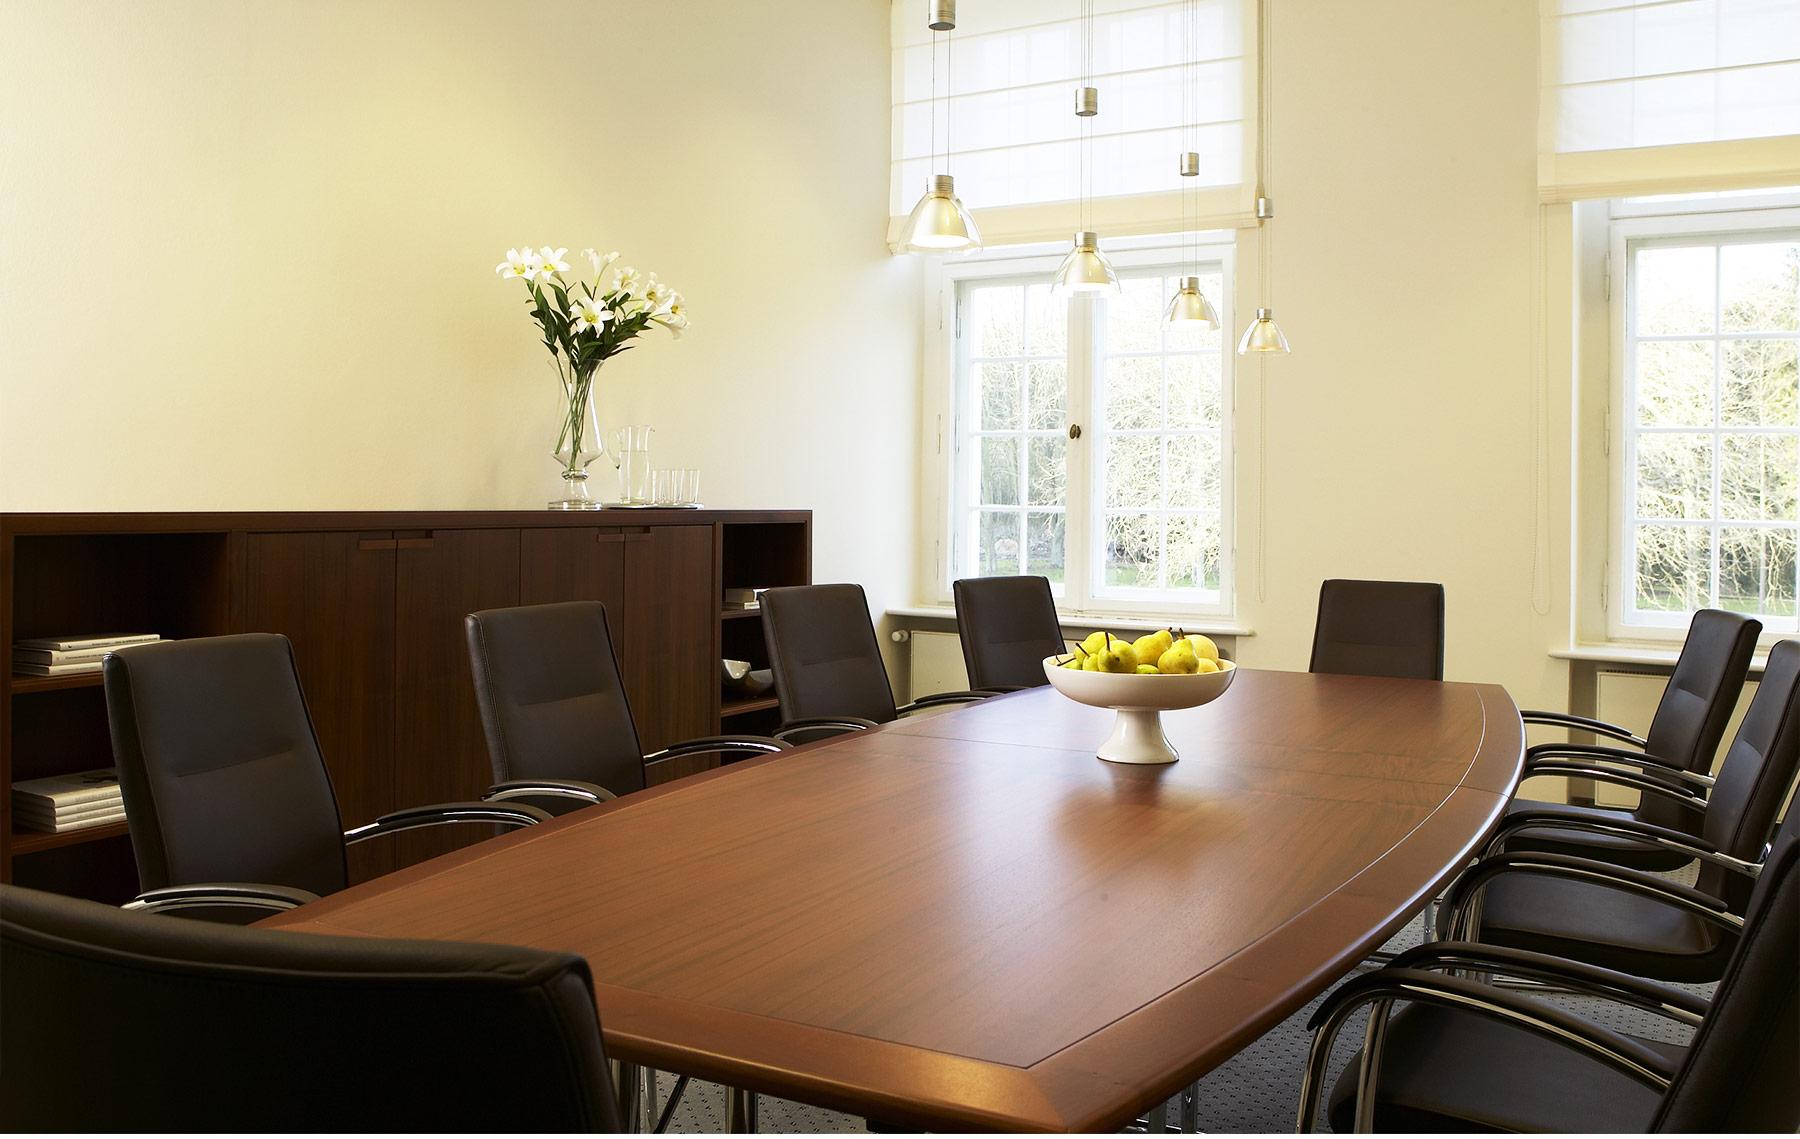 Referenz Innenarchitektur SDW DESIGN Schloss Hasenwinkel Konferenzraum